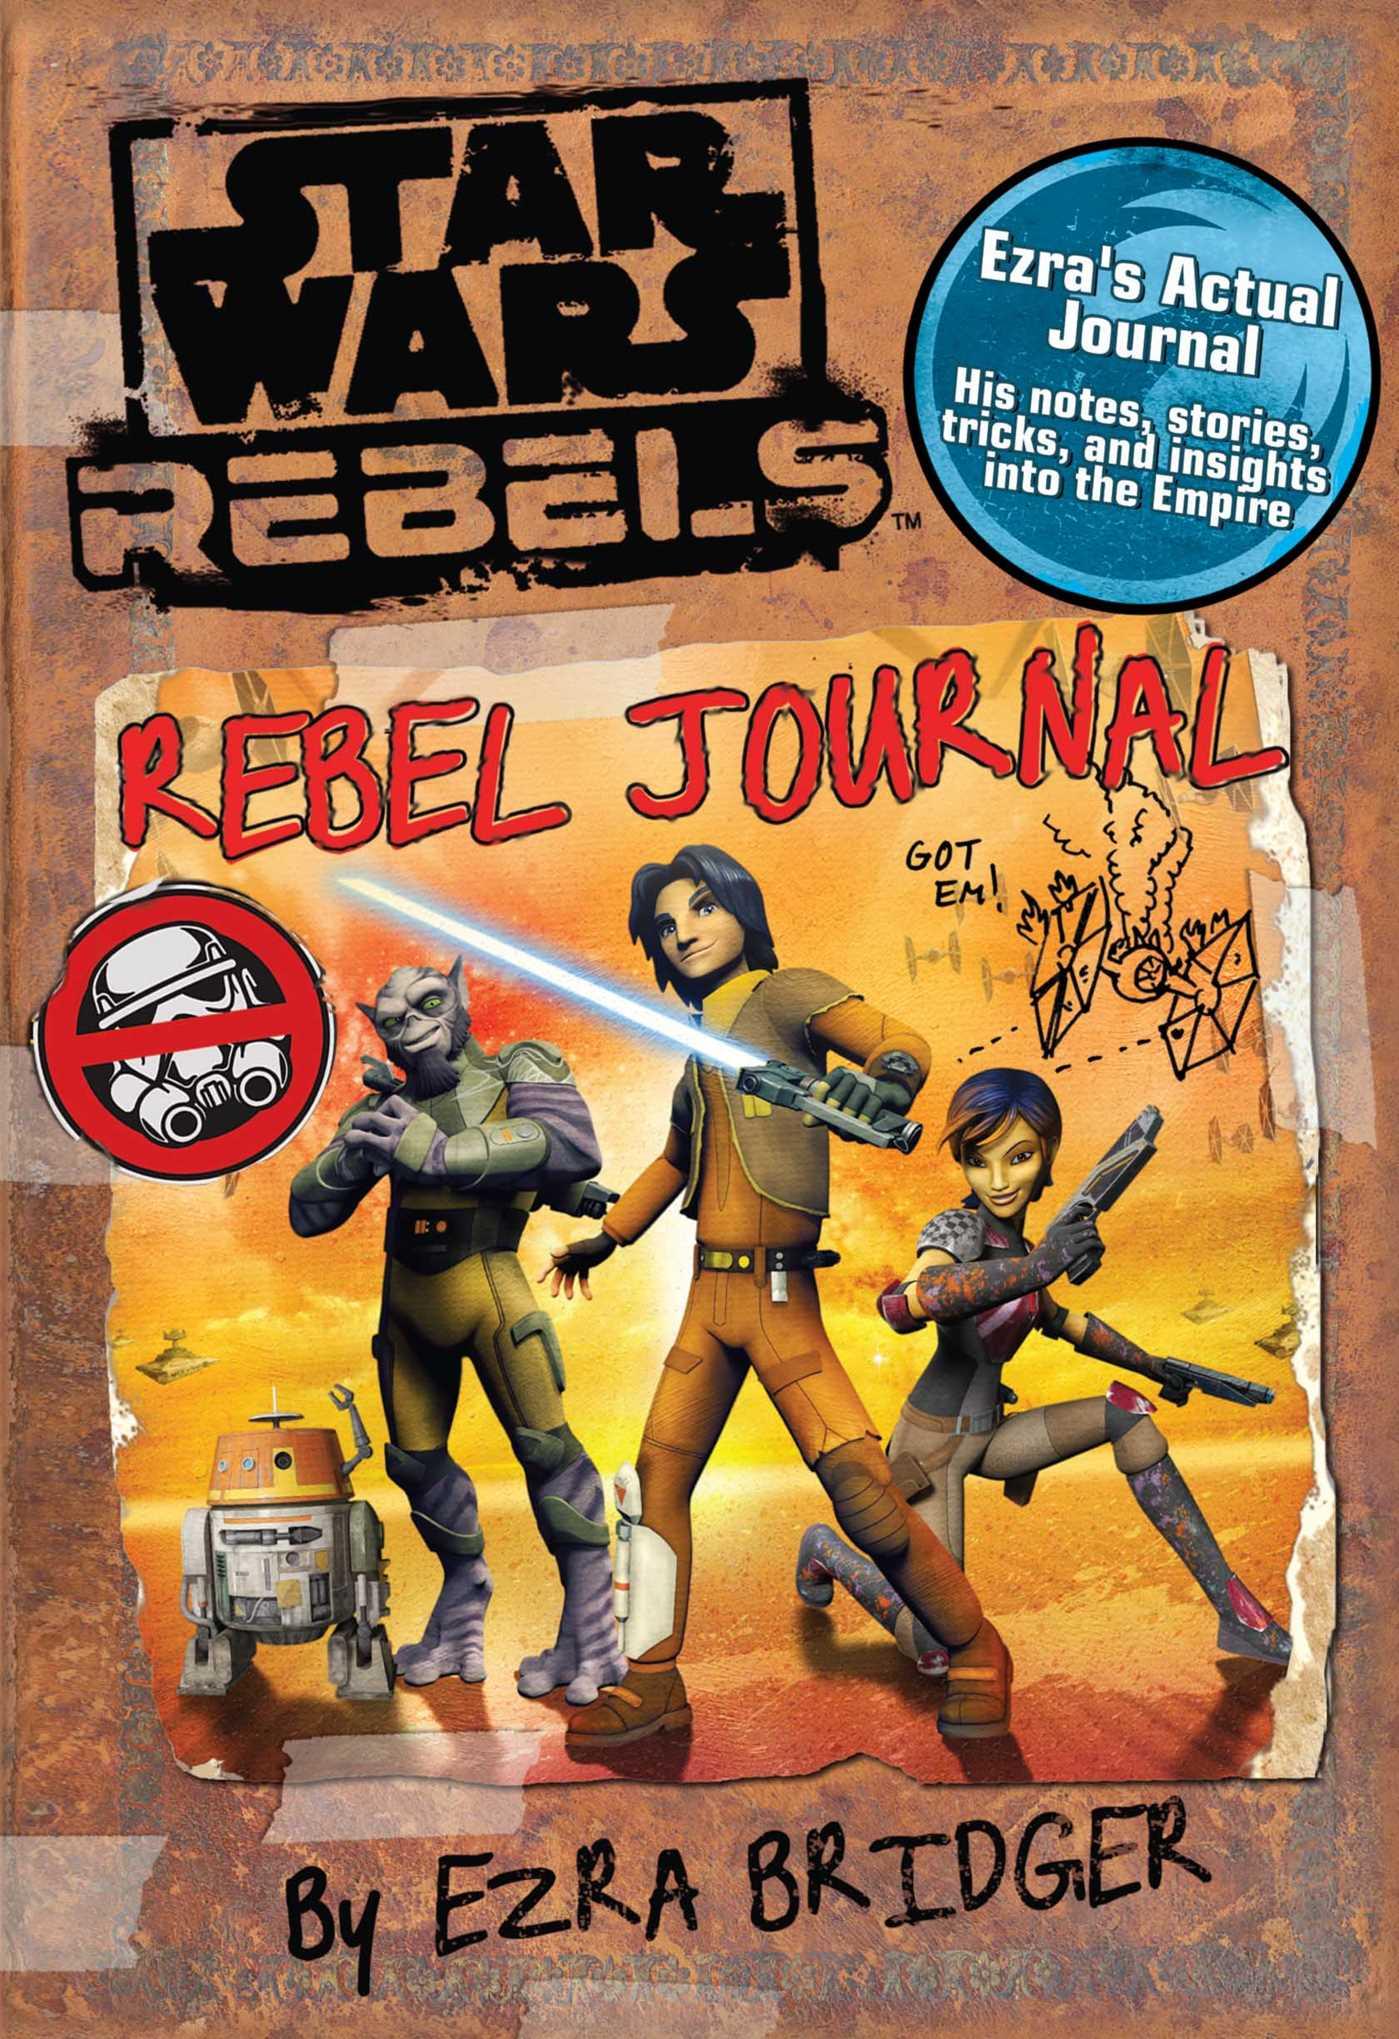 Star wars rebels rebel journal by ezra bridger 9780794432683 hr